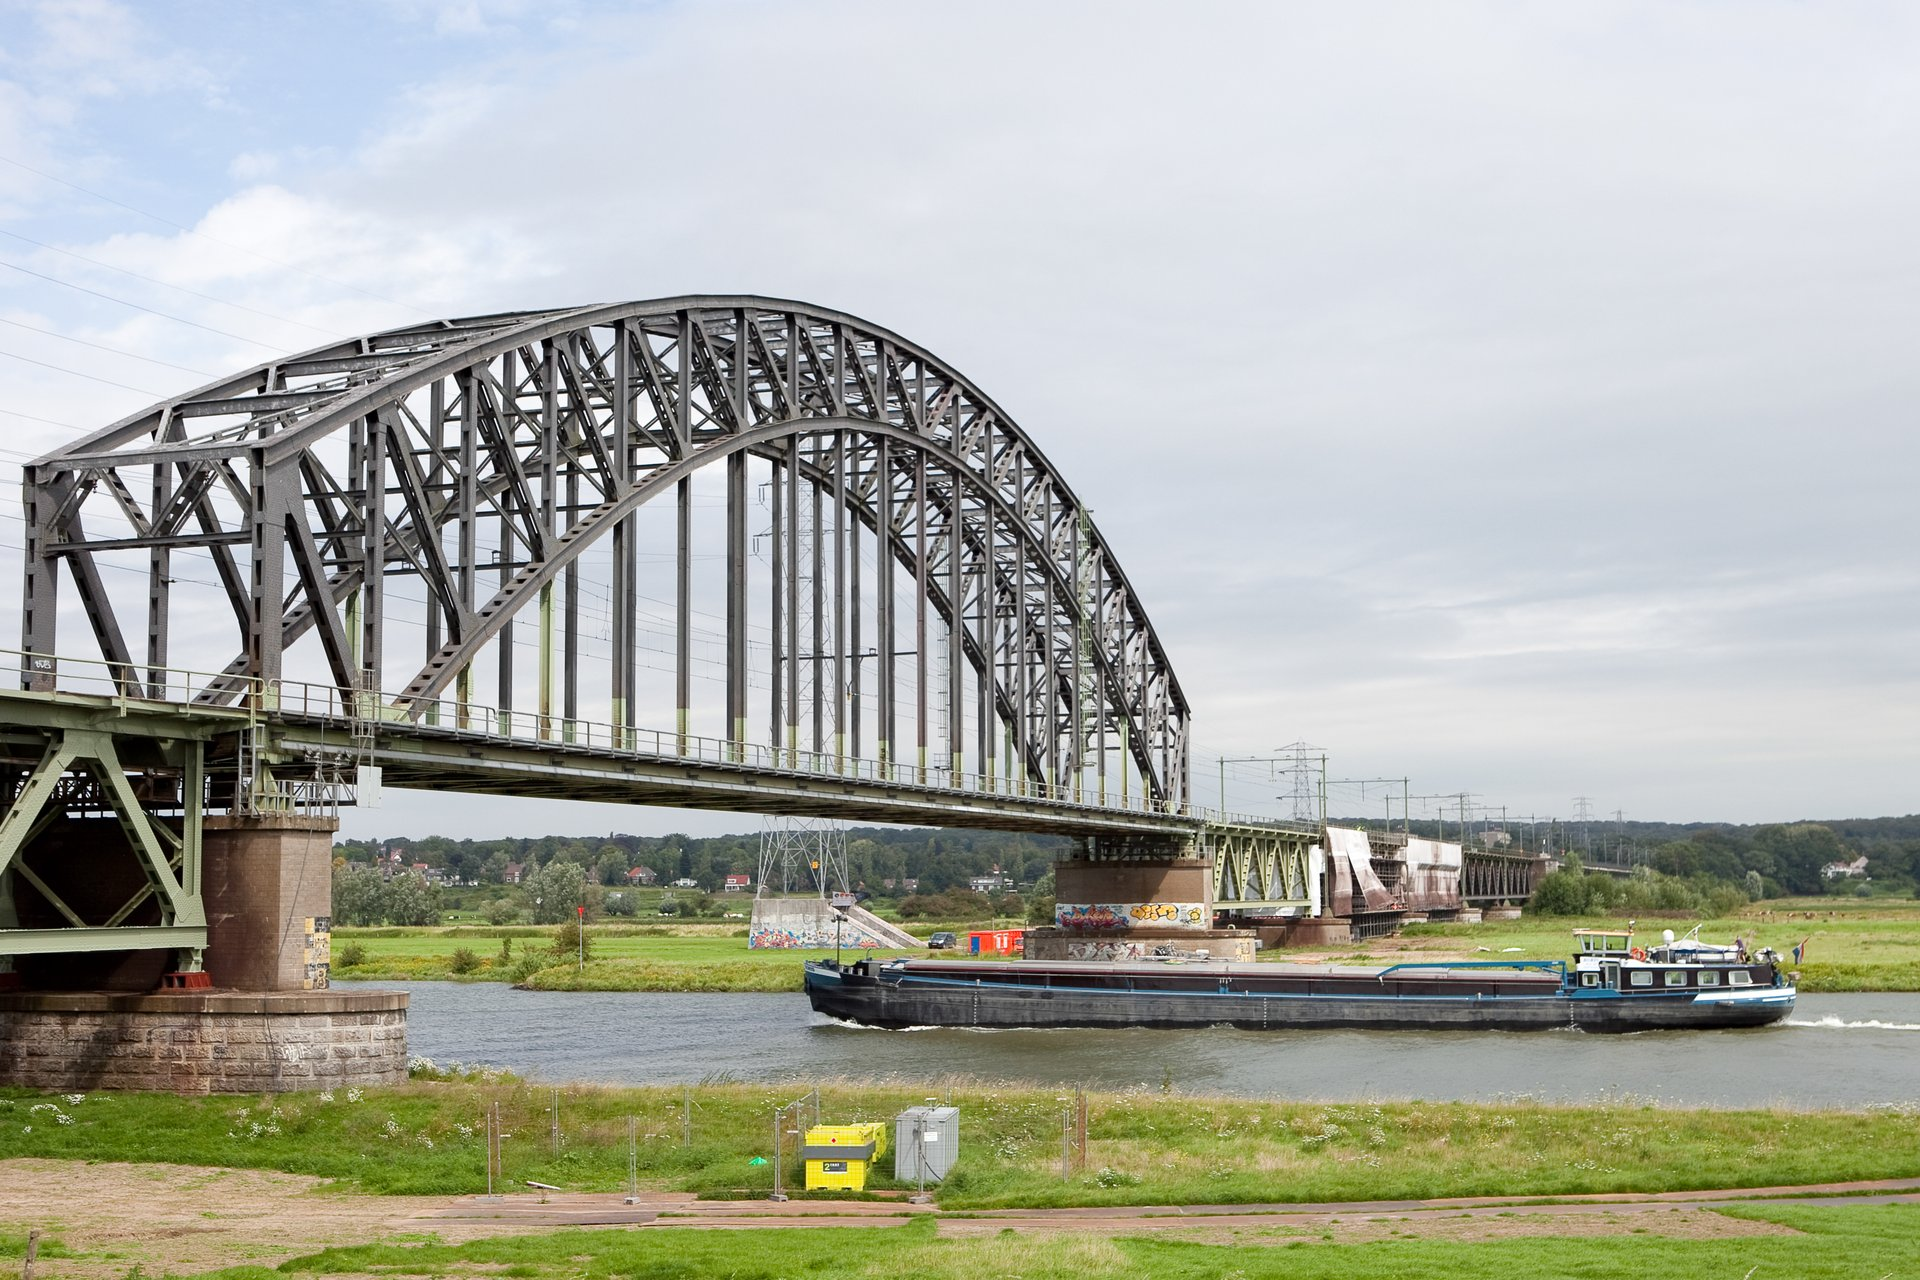 rijnbrug oosterbeek prorail